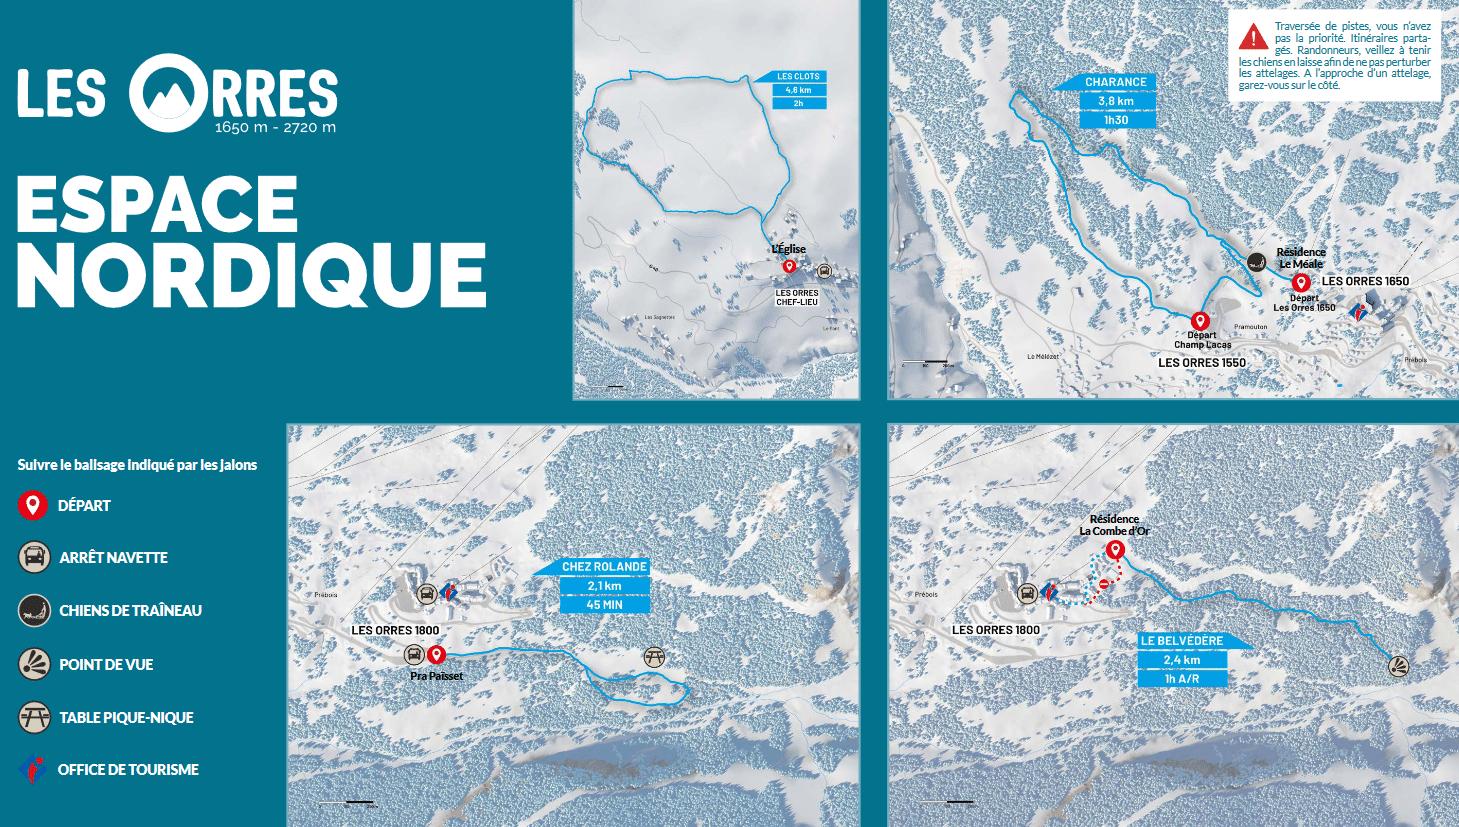 Les Orres - Plan du domaine nordique